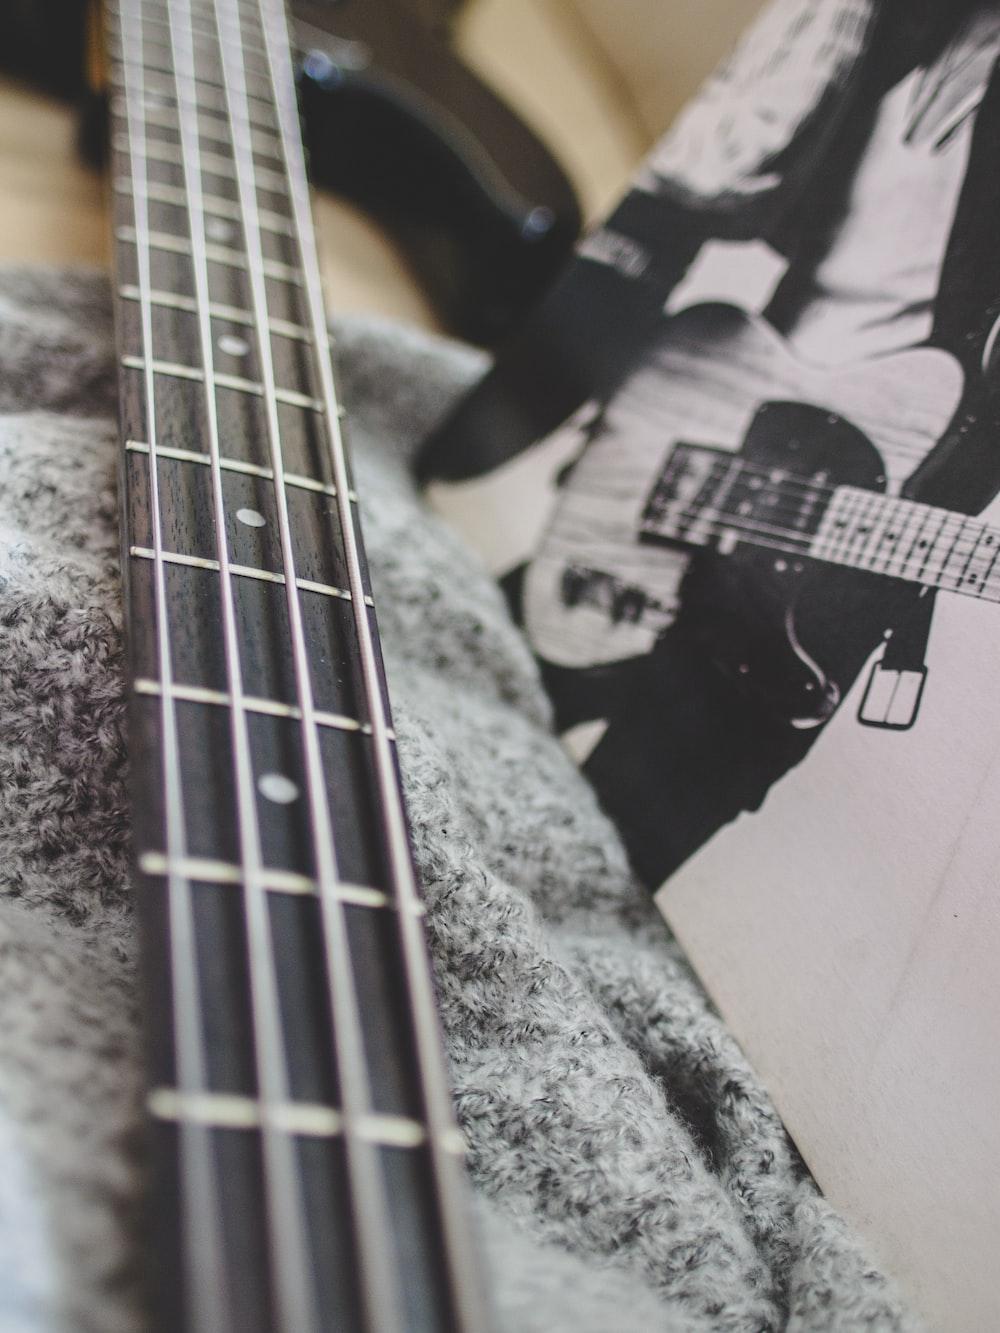 black bass guitar